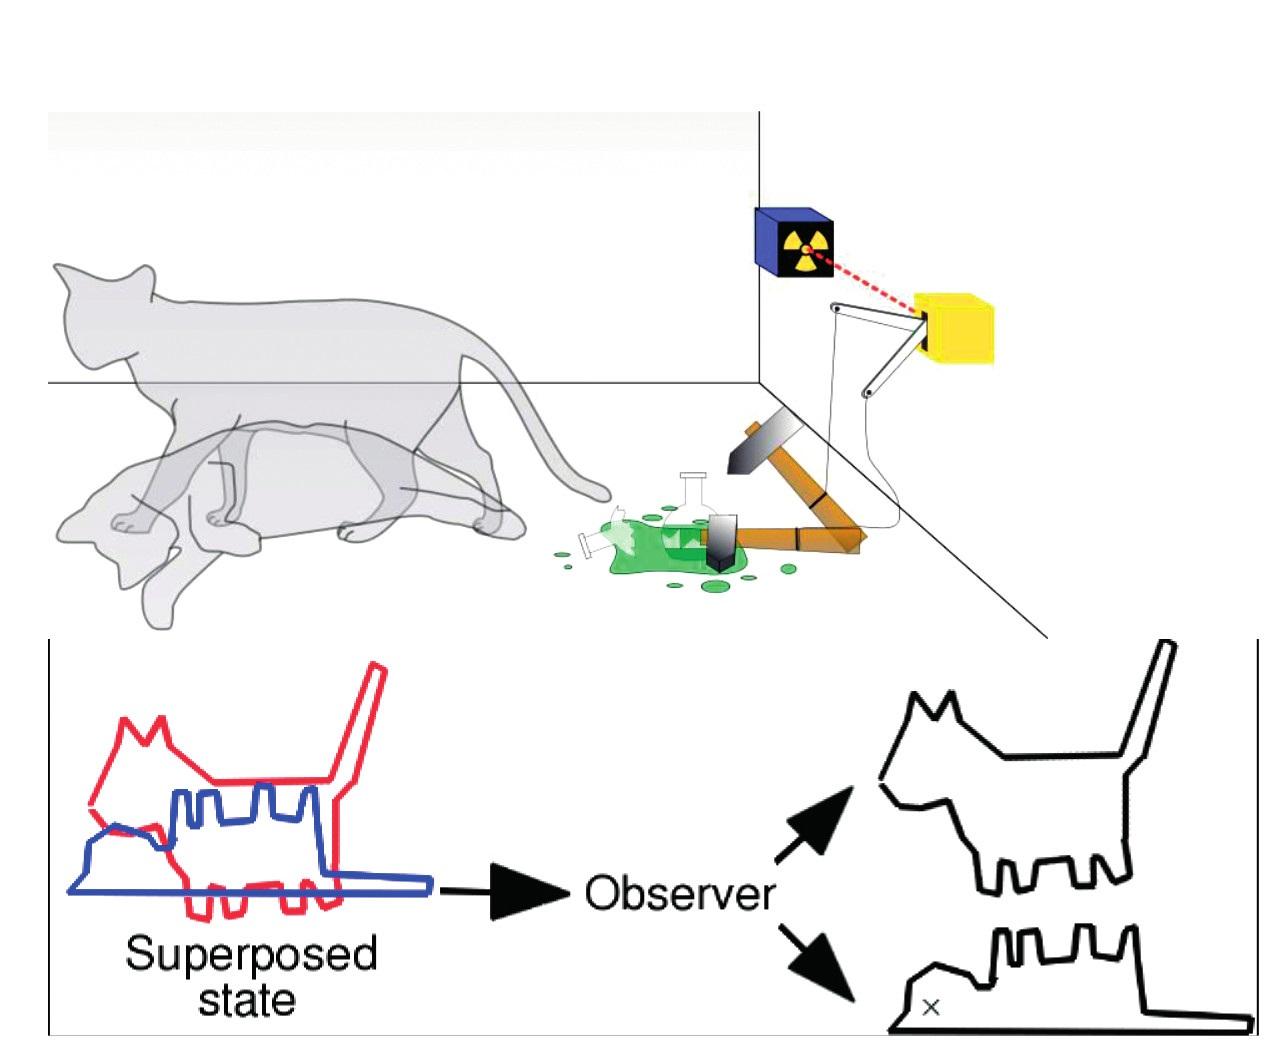 Superponovaný obraz mačky z dvoch možností, ktoré sú najpravdepodobnejšie – vľavo; pozorovaním overovaná skutočnosť – vpravo superpozícia v makrosystéme podľa Schrödingera (3 – so súhlasom autora). Mačka môže spustiť smrtiaci mechanizmus, ale aj nemusí. Prichádzame ku klietke so superponovanou predstavou možností, ale po vzhliadnutí sa superpozícia zmení vizuálnym pozorovaním v realitu.